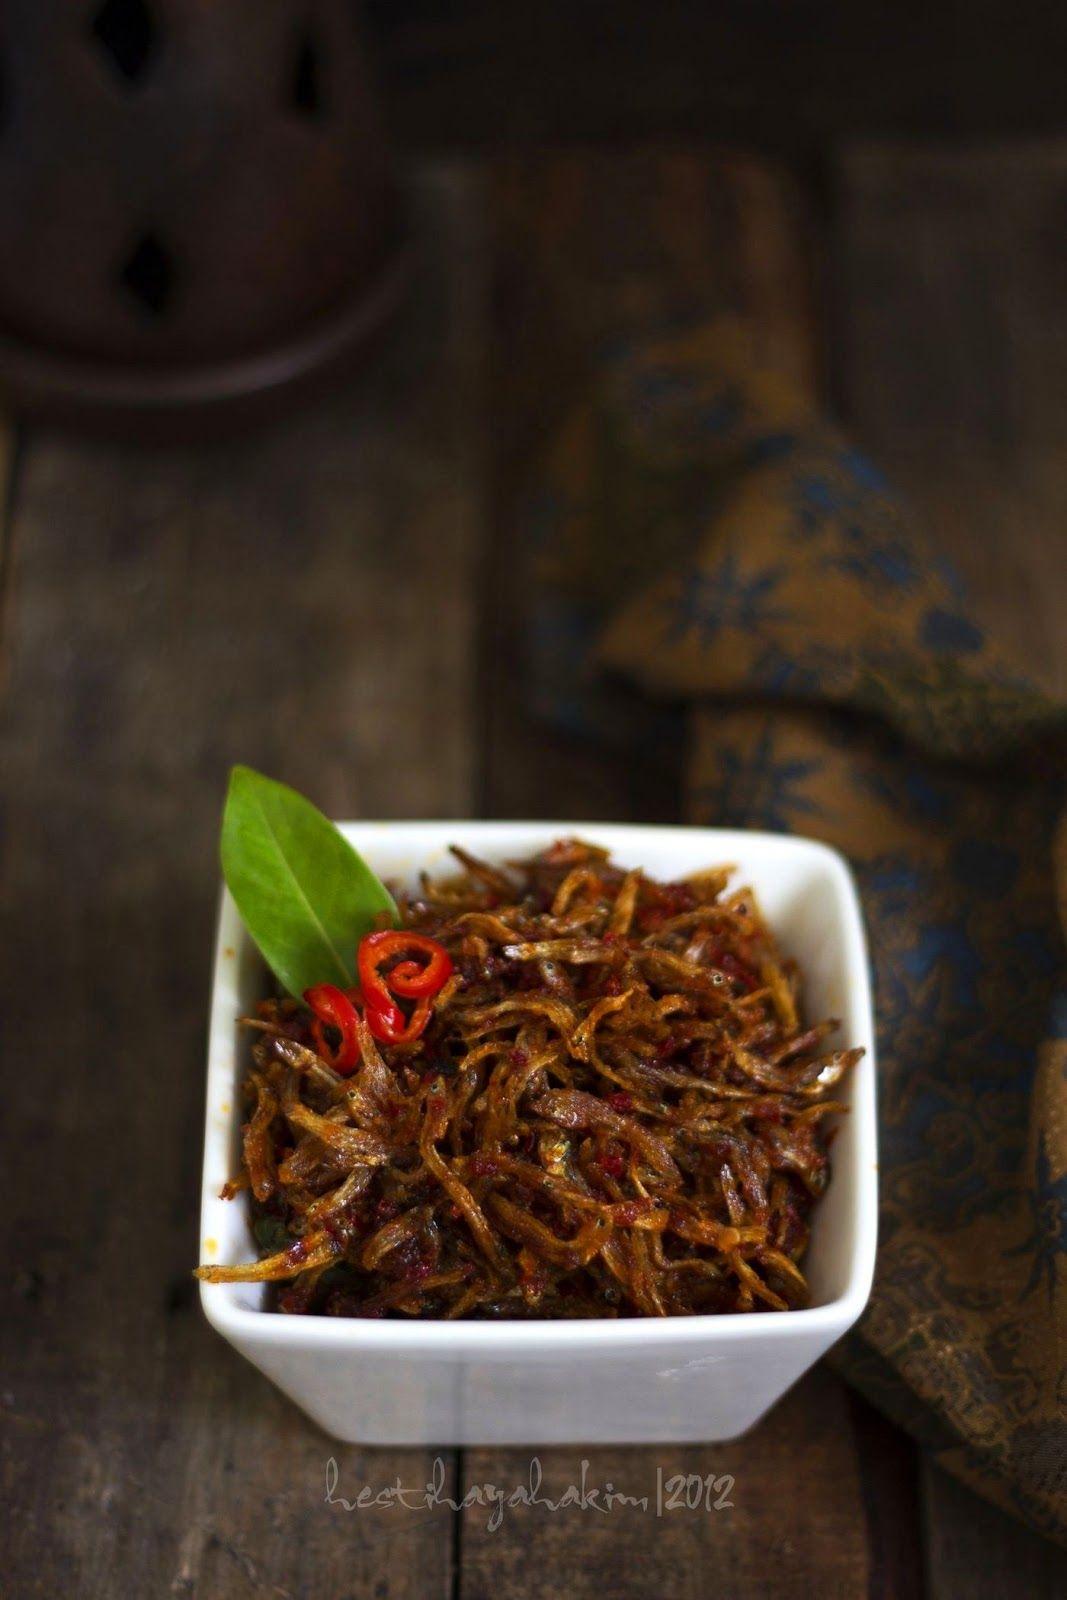 Hesti S Kitchen Yummy For Your Tummy Sambal Goreng Teri Makanan Pedas Resep Masakan Makanan Dan Minuman